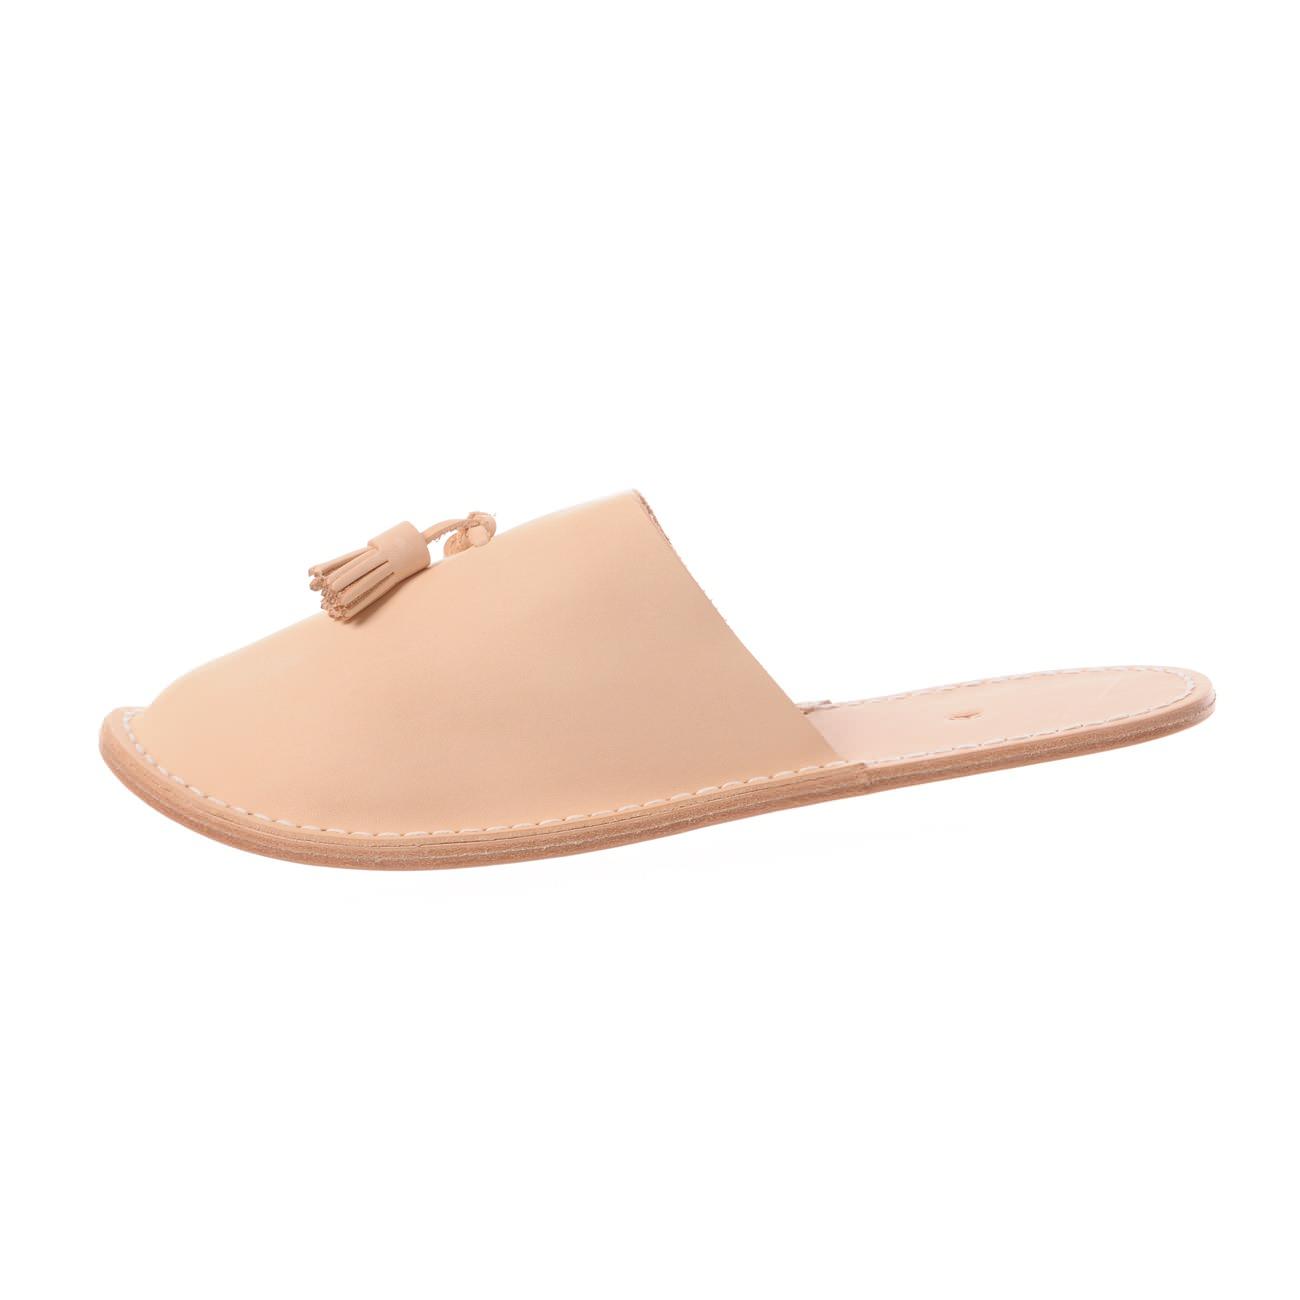 Hender Scheme - leather slipper - Natural